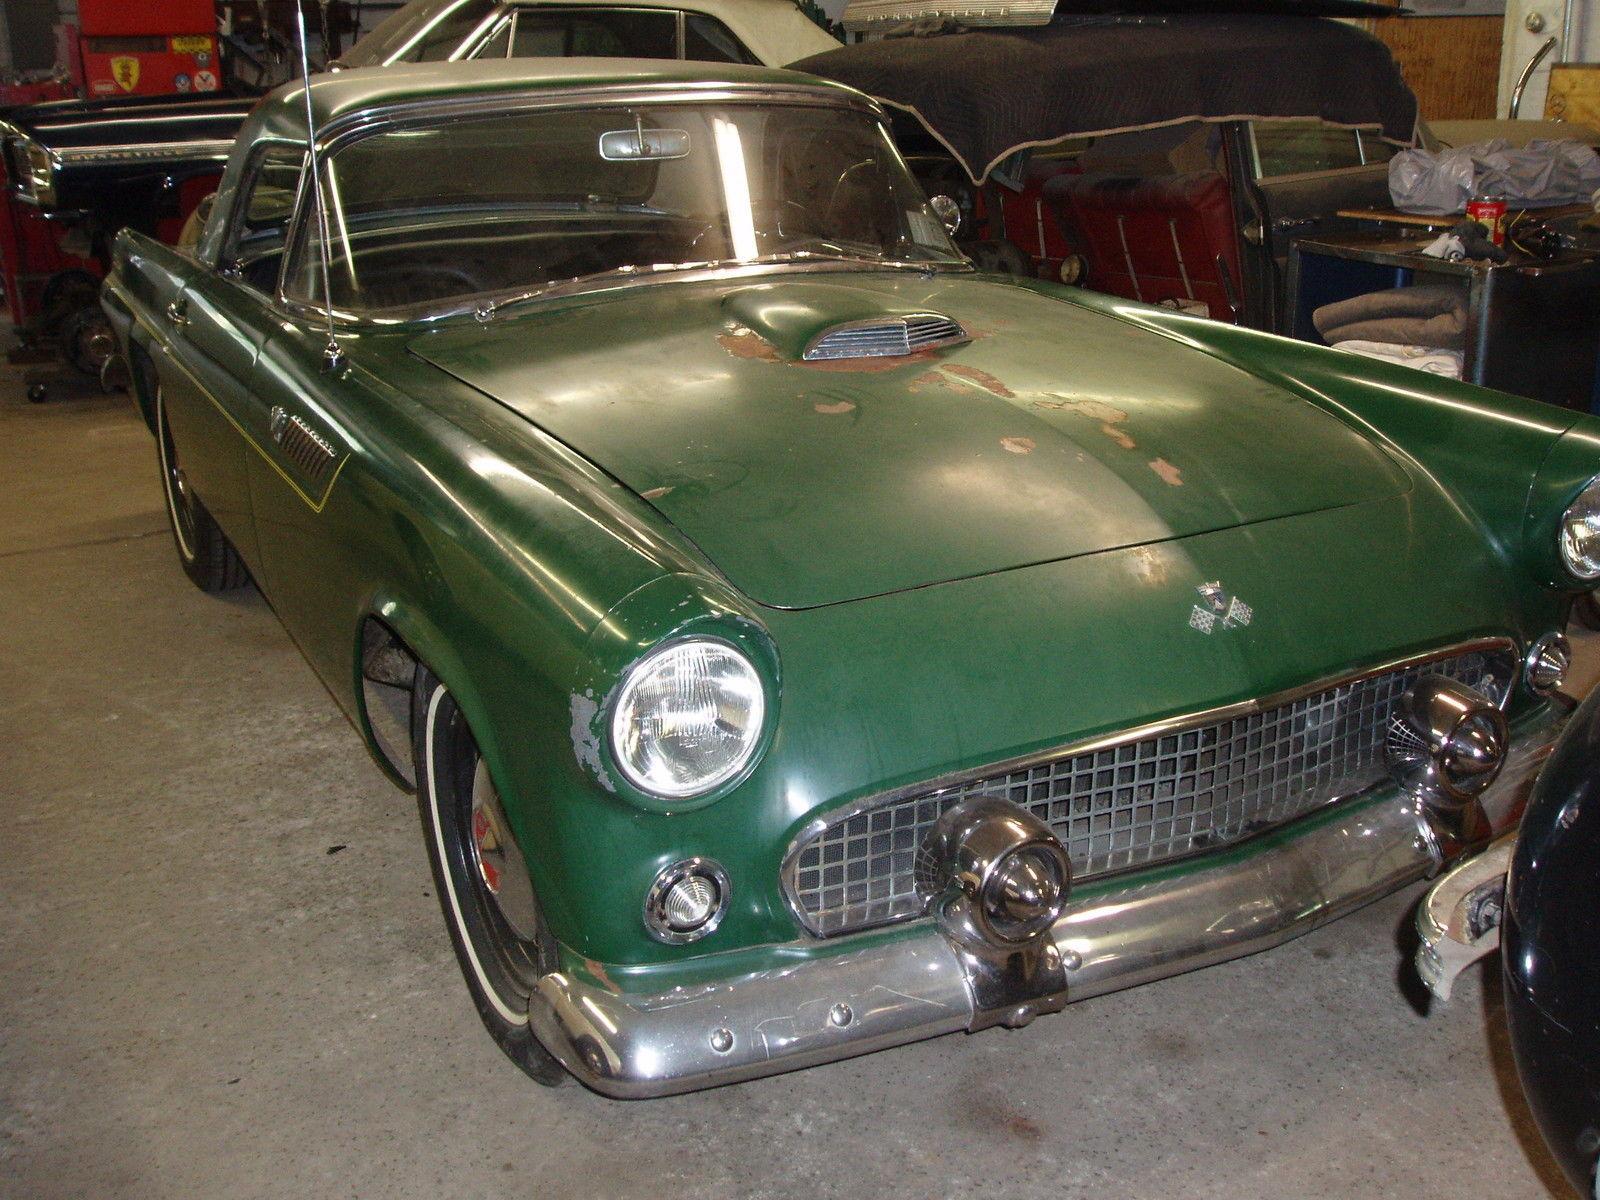 Dot 5 Brake Fluid >> 1955 Ford Thunderbird for sale